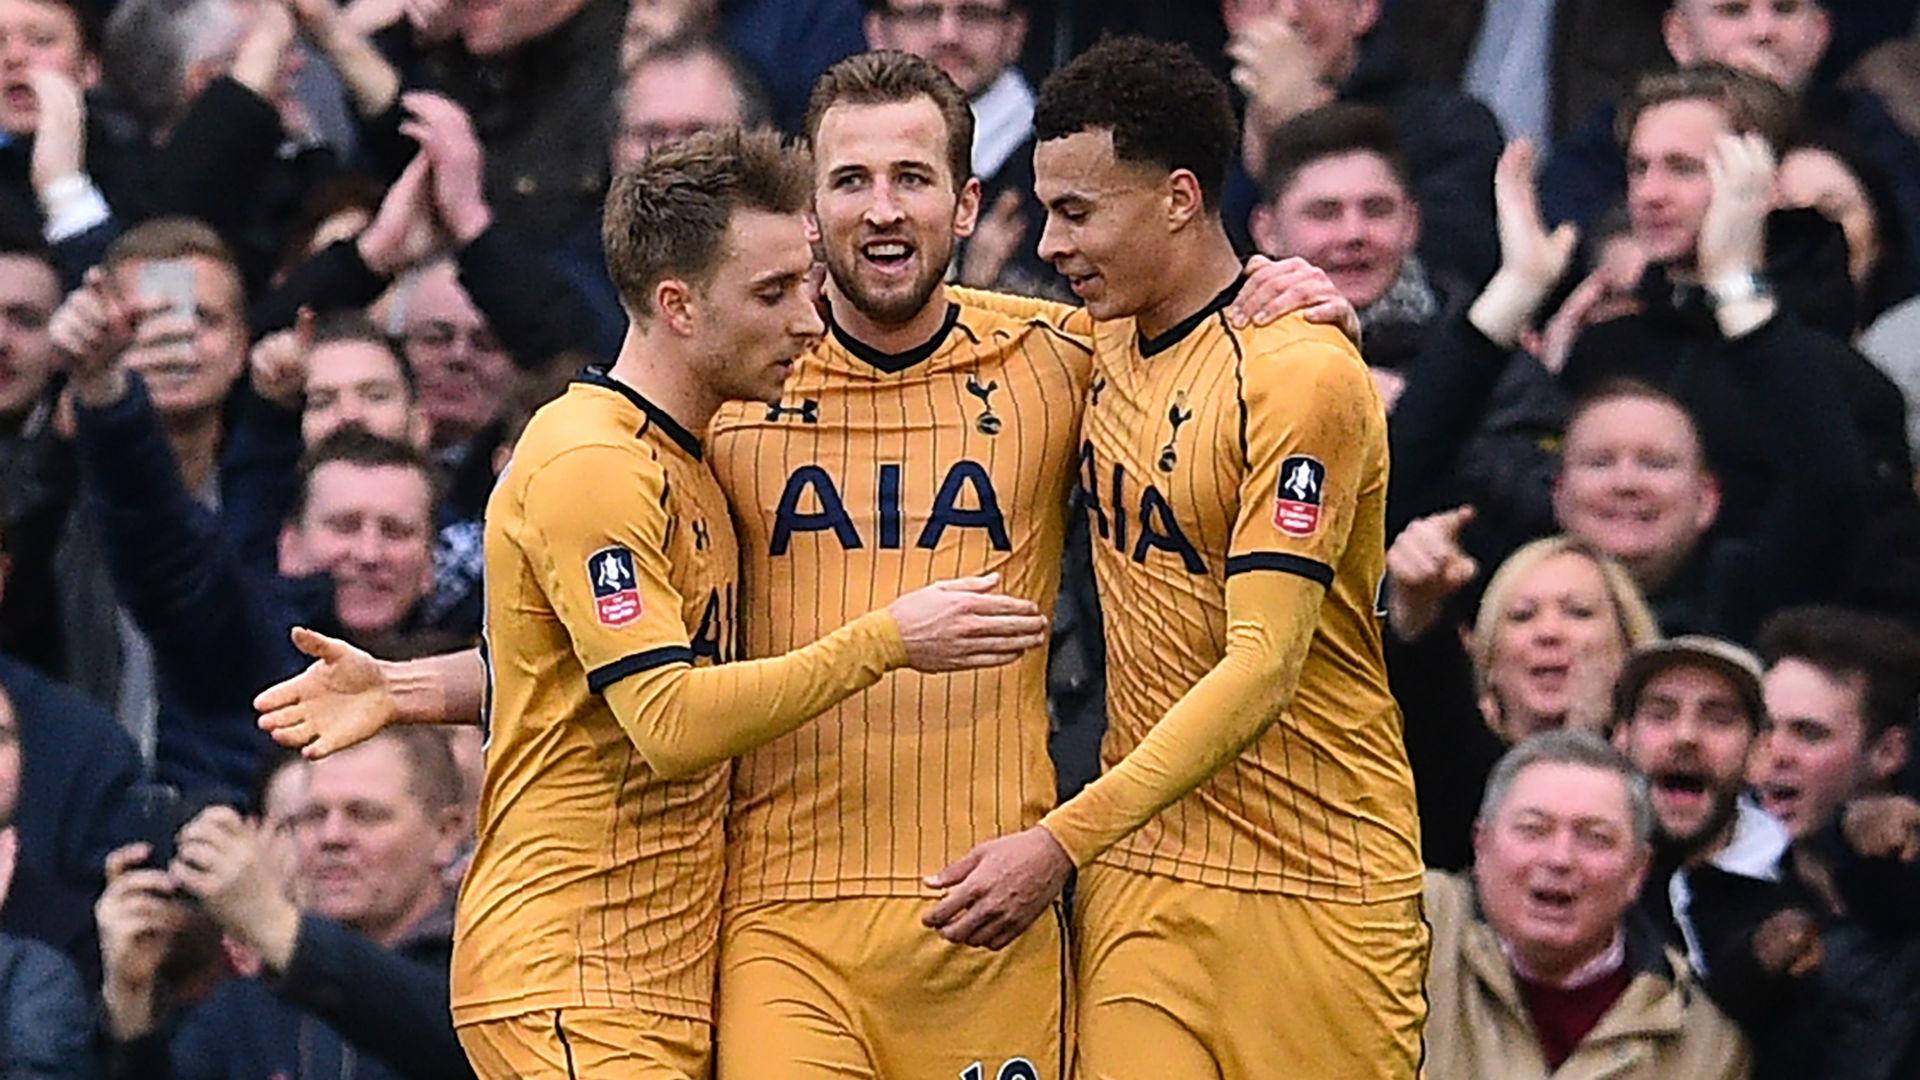 CHRISTIAN ERIKSEN | Tottenham | Tiền vệ của Spurs có hai đường kiến tạo cho Harry Kane, đóng góp vào thắng lợi của đội nhà. Ngoài ra, anh còn có chín cú sút về phía khung thành Fulham.